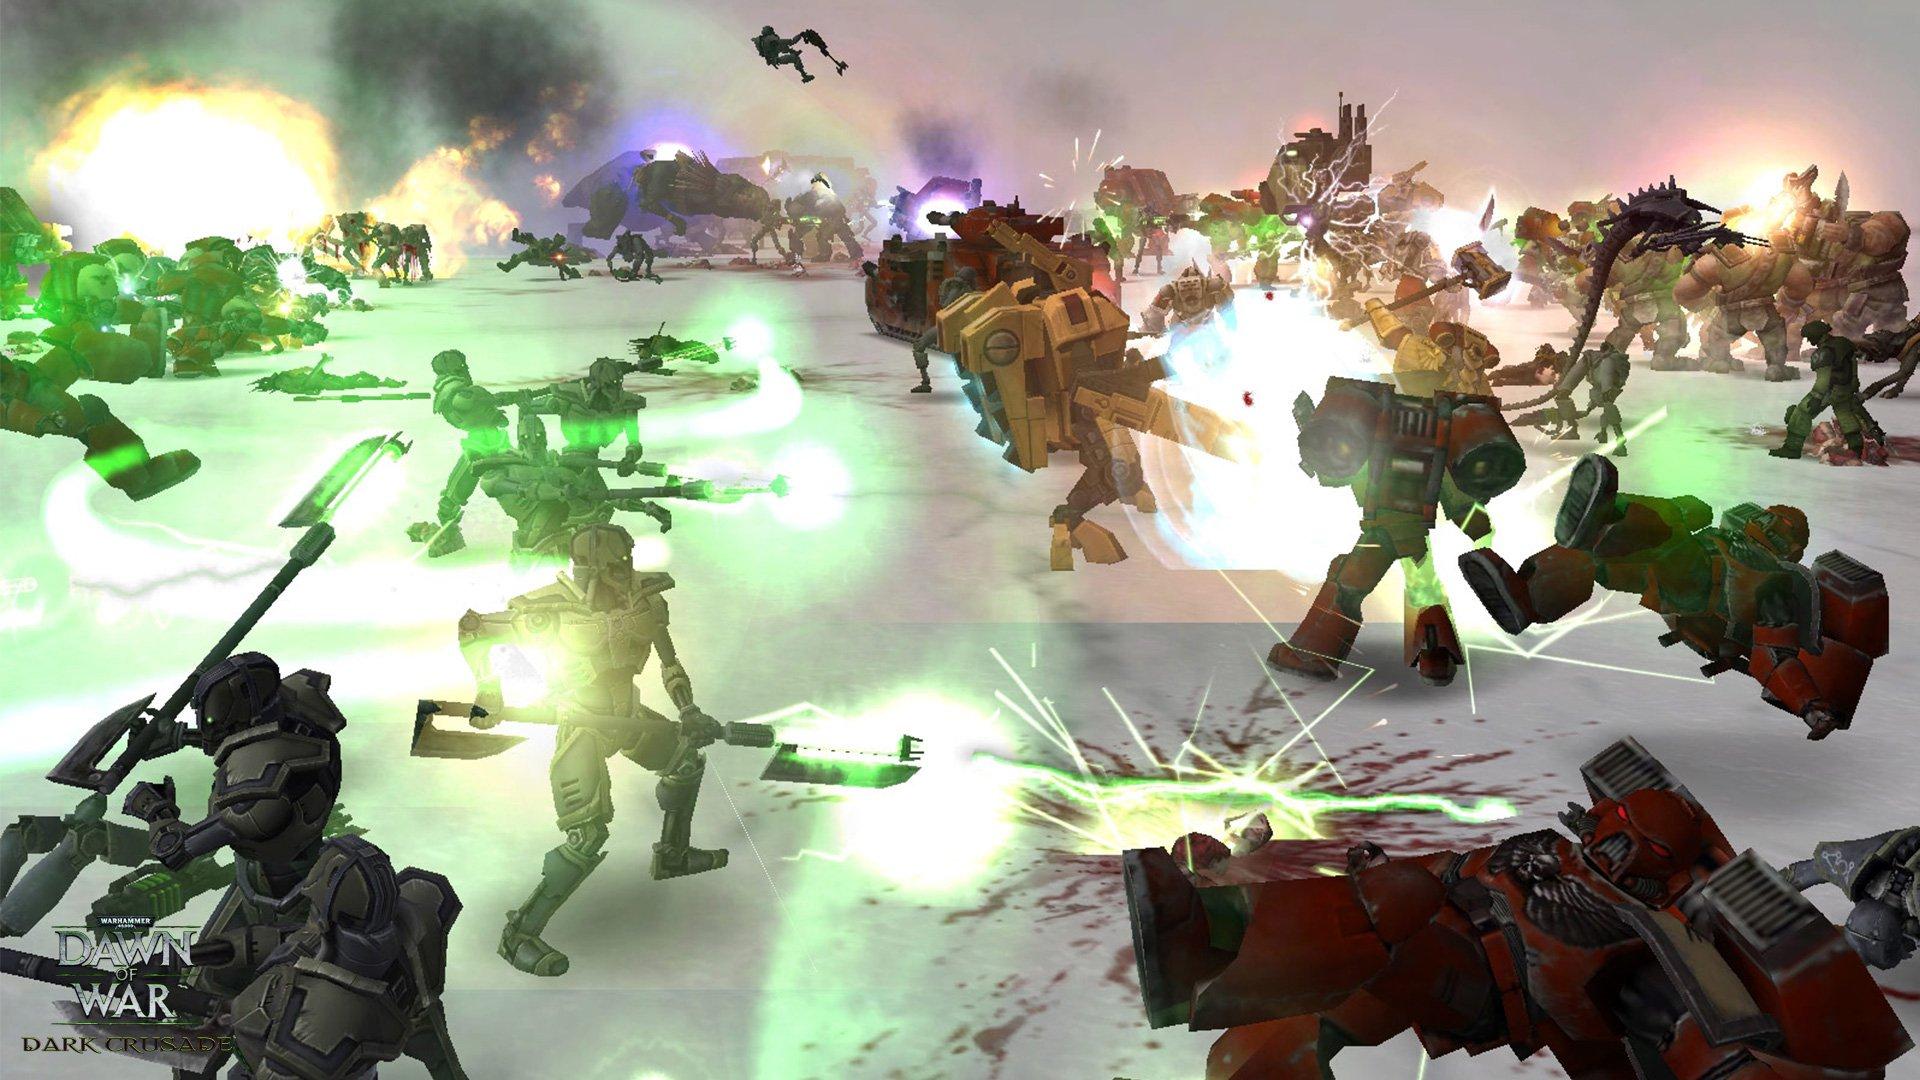 Warhammer 40,000 Dawn of War Dark Crusade 10